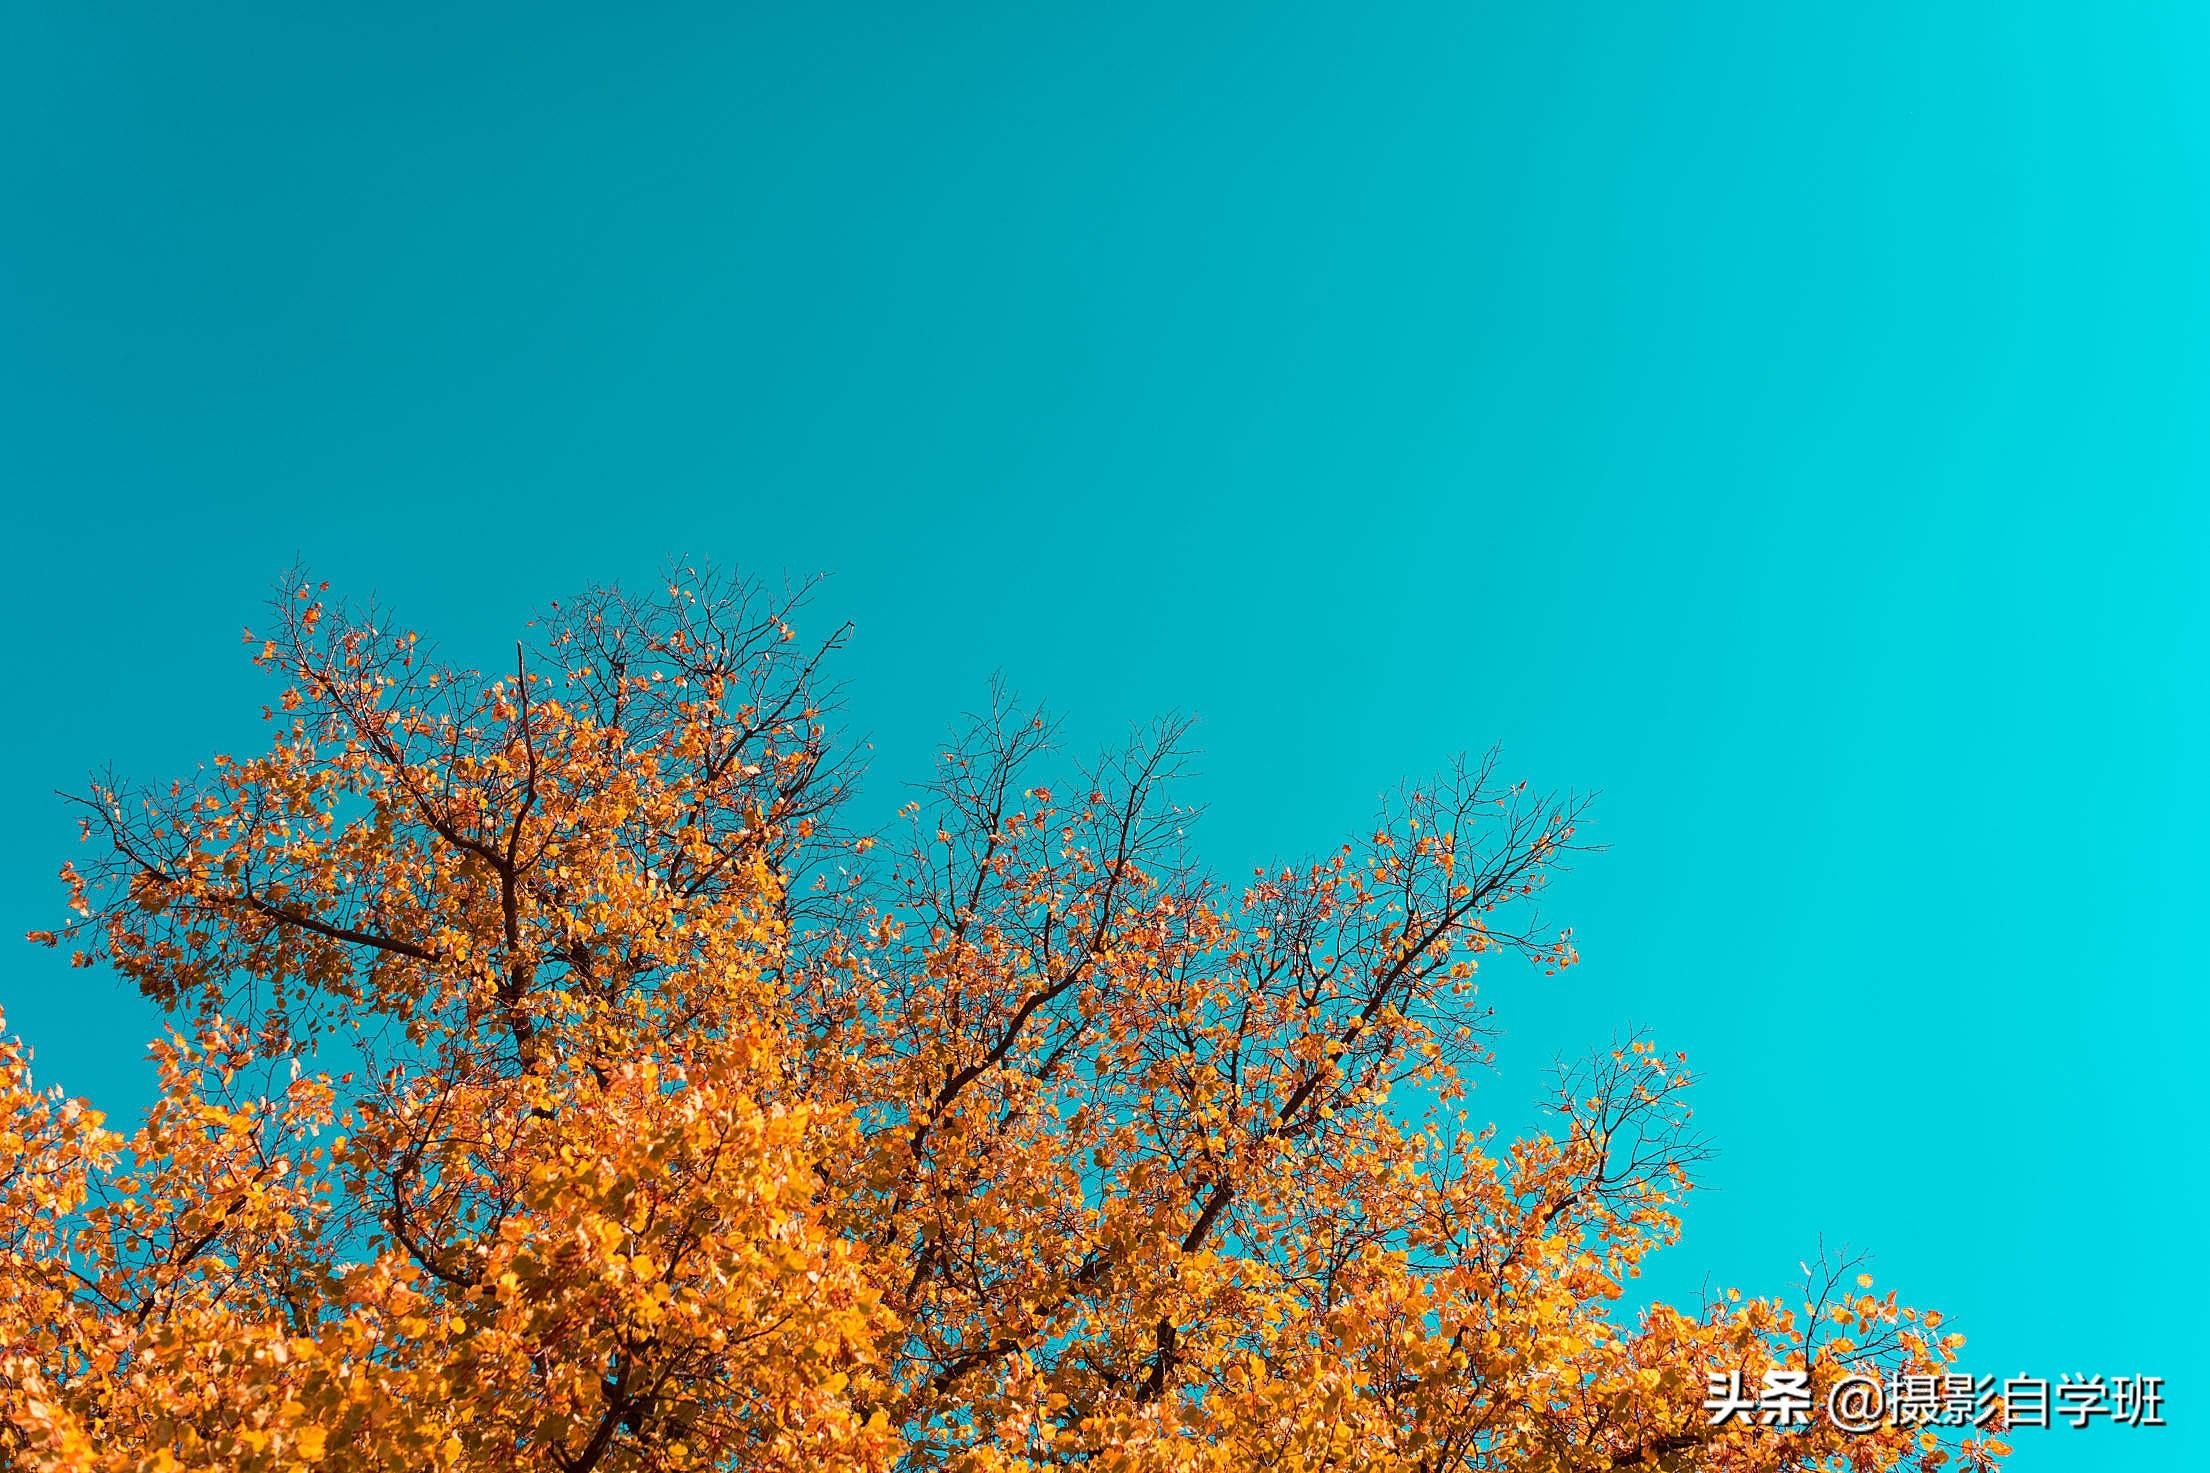 拍秋天这篇教程就够啦!看9大秋天风光摄影技巧,新手不再拍废片